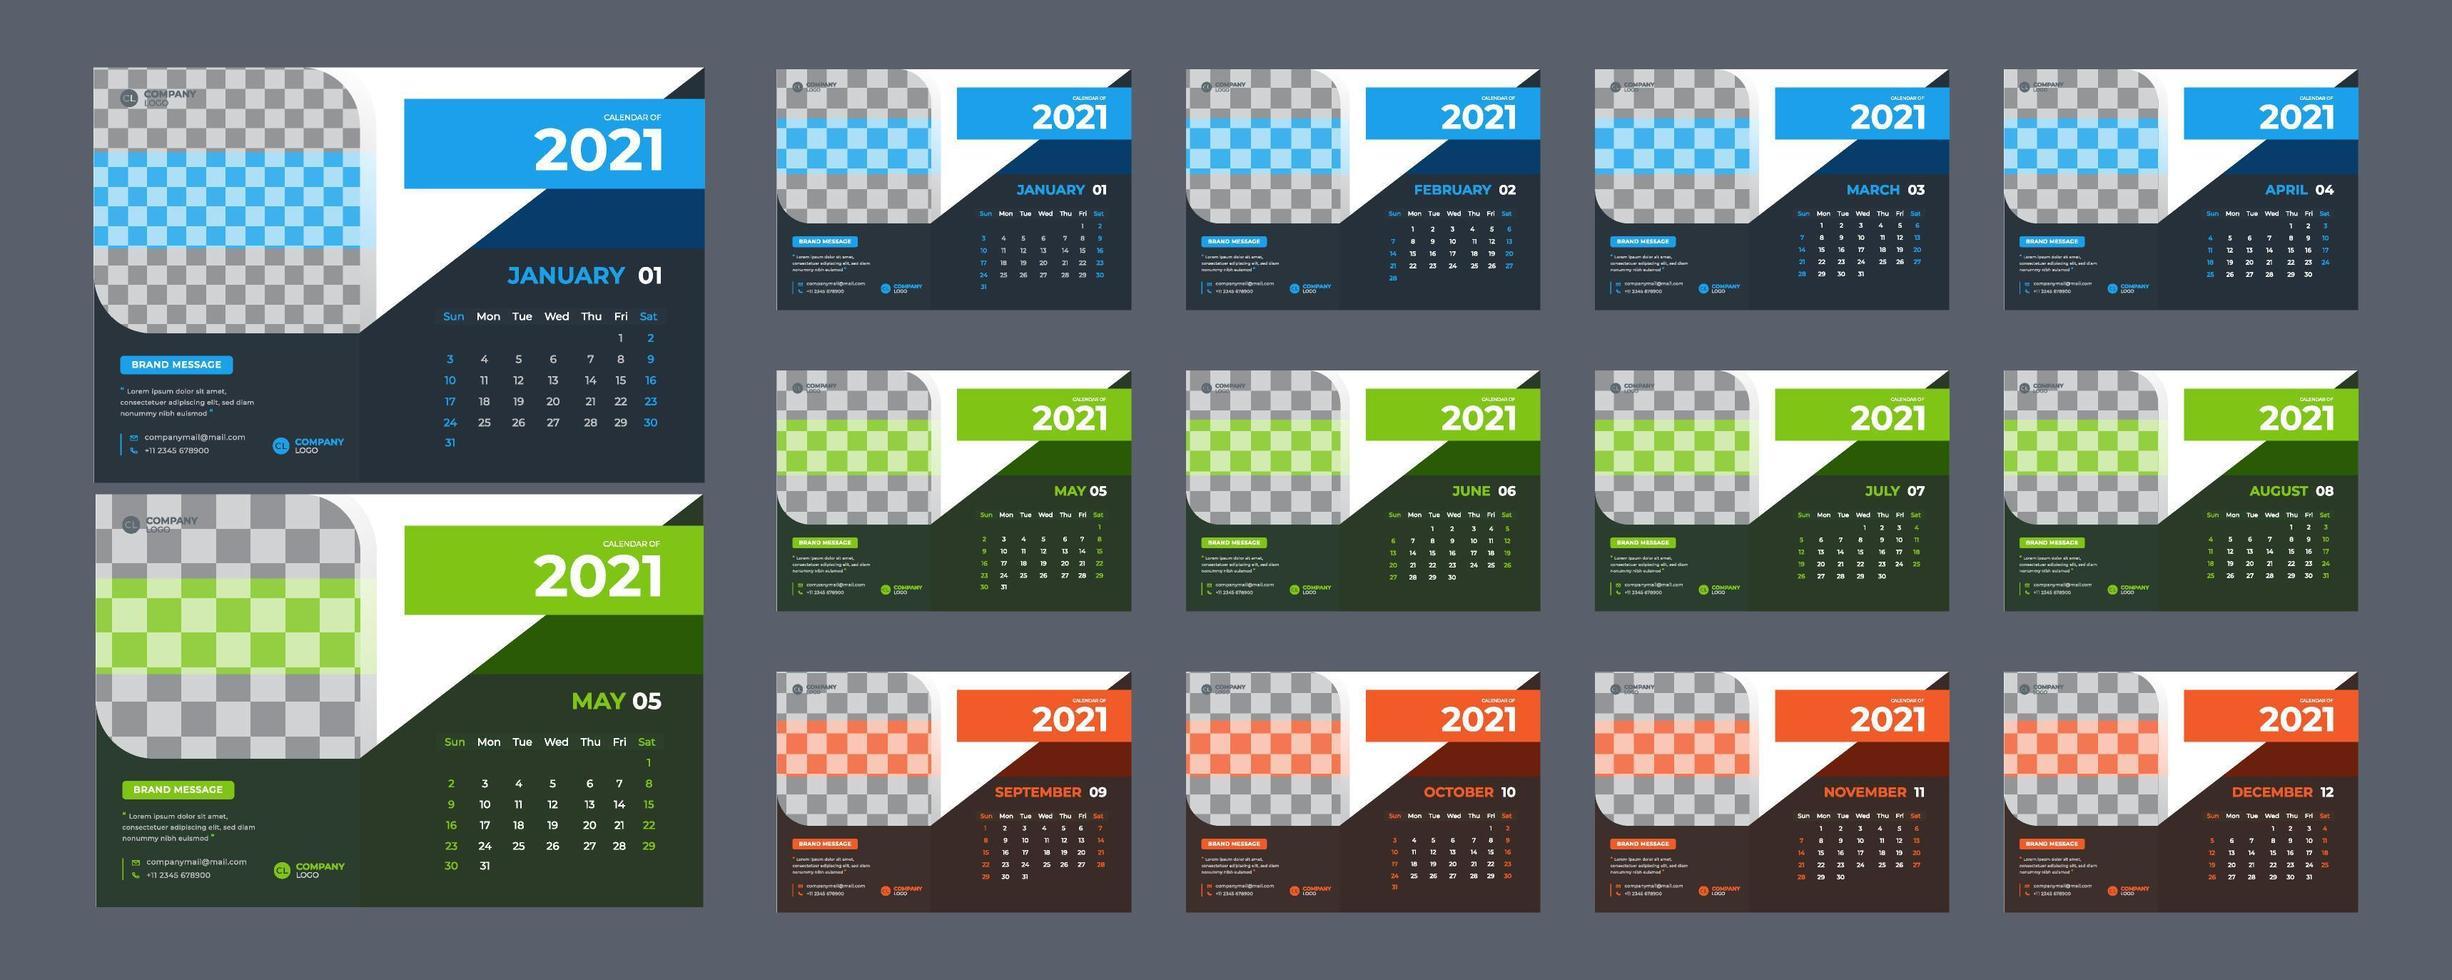 moderno calendario da tavolo a 3 colori per il 2021   Scarica